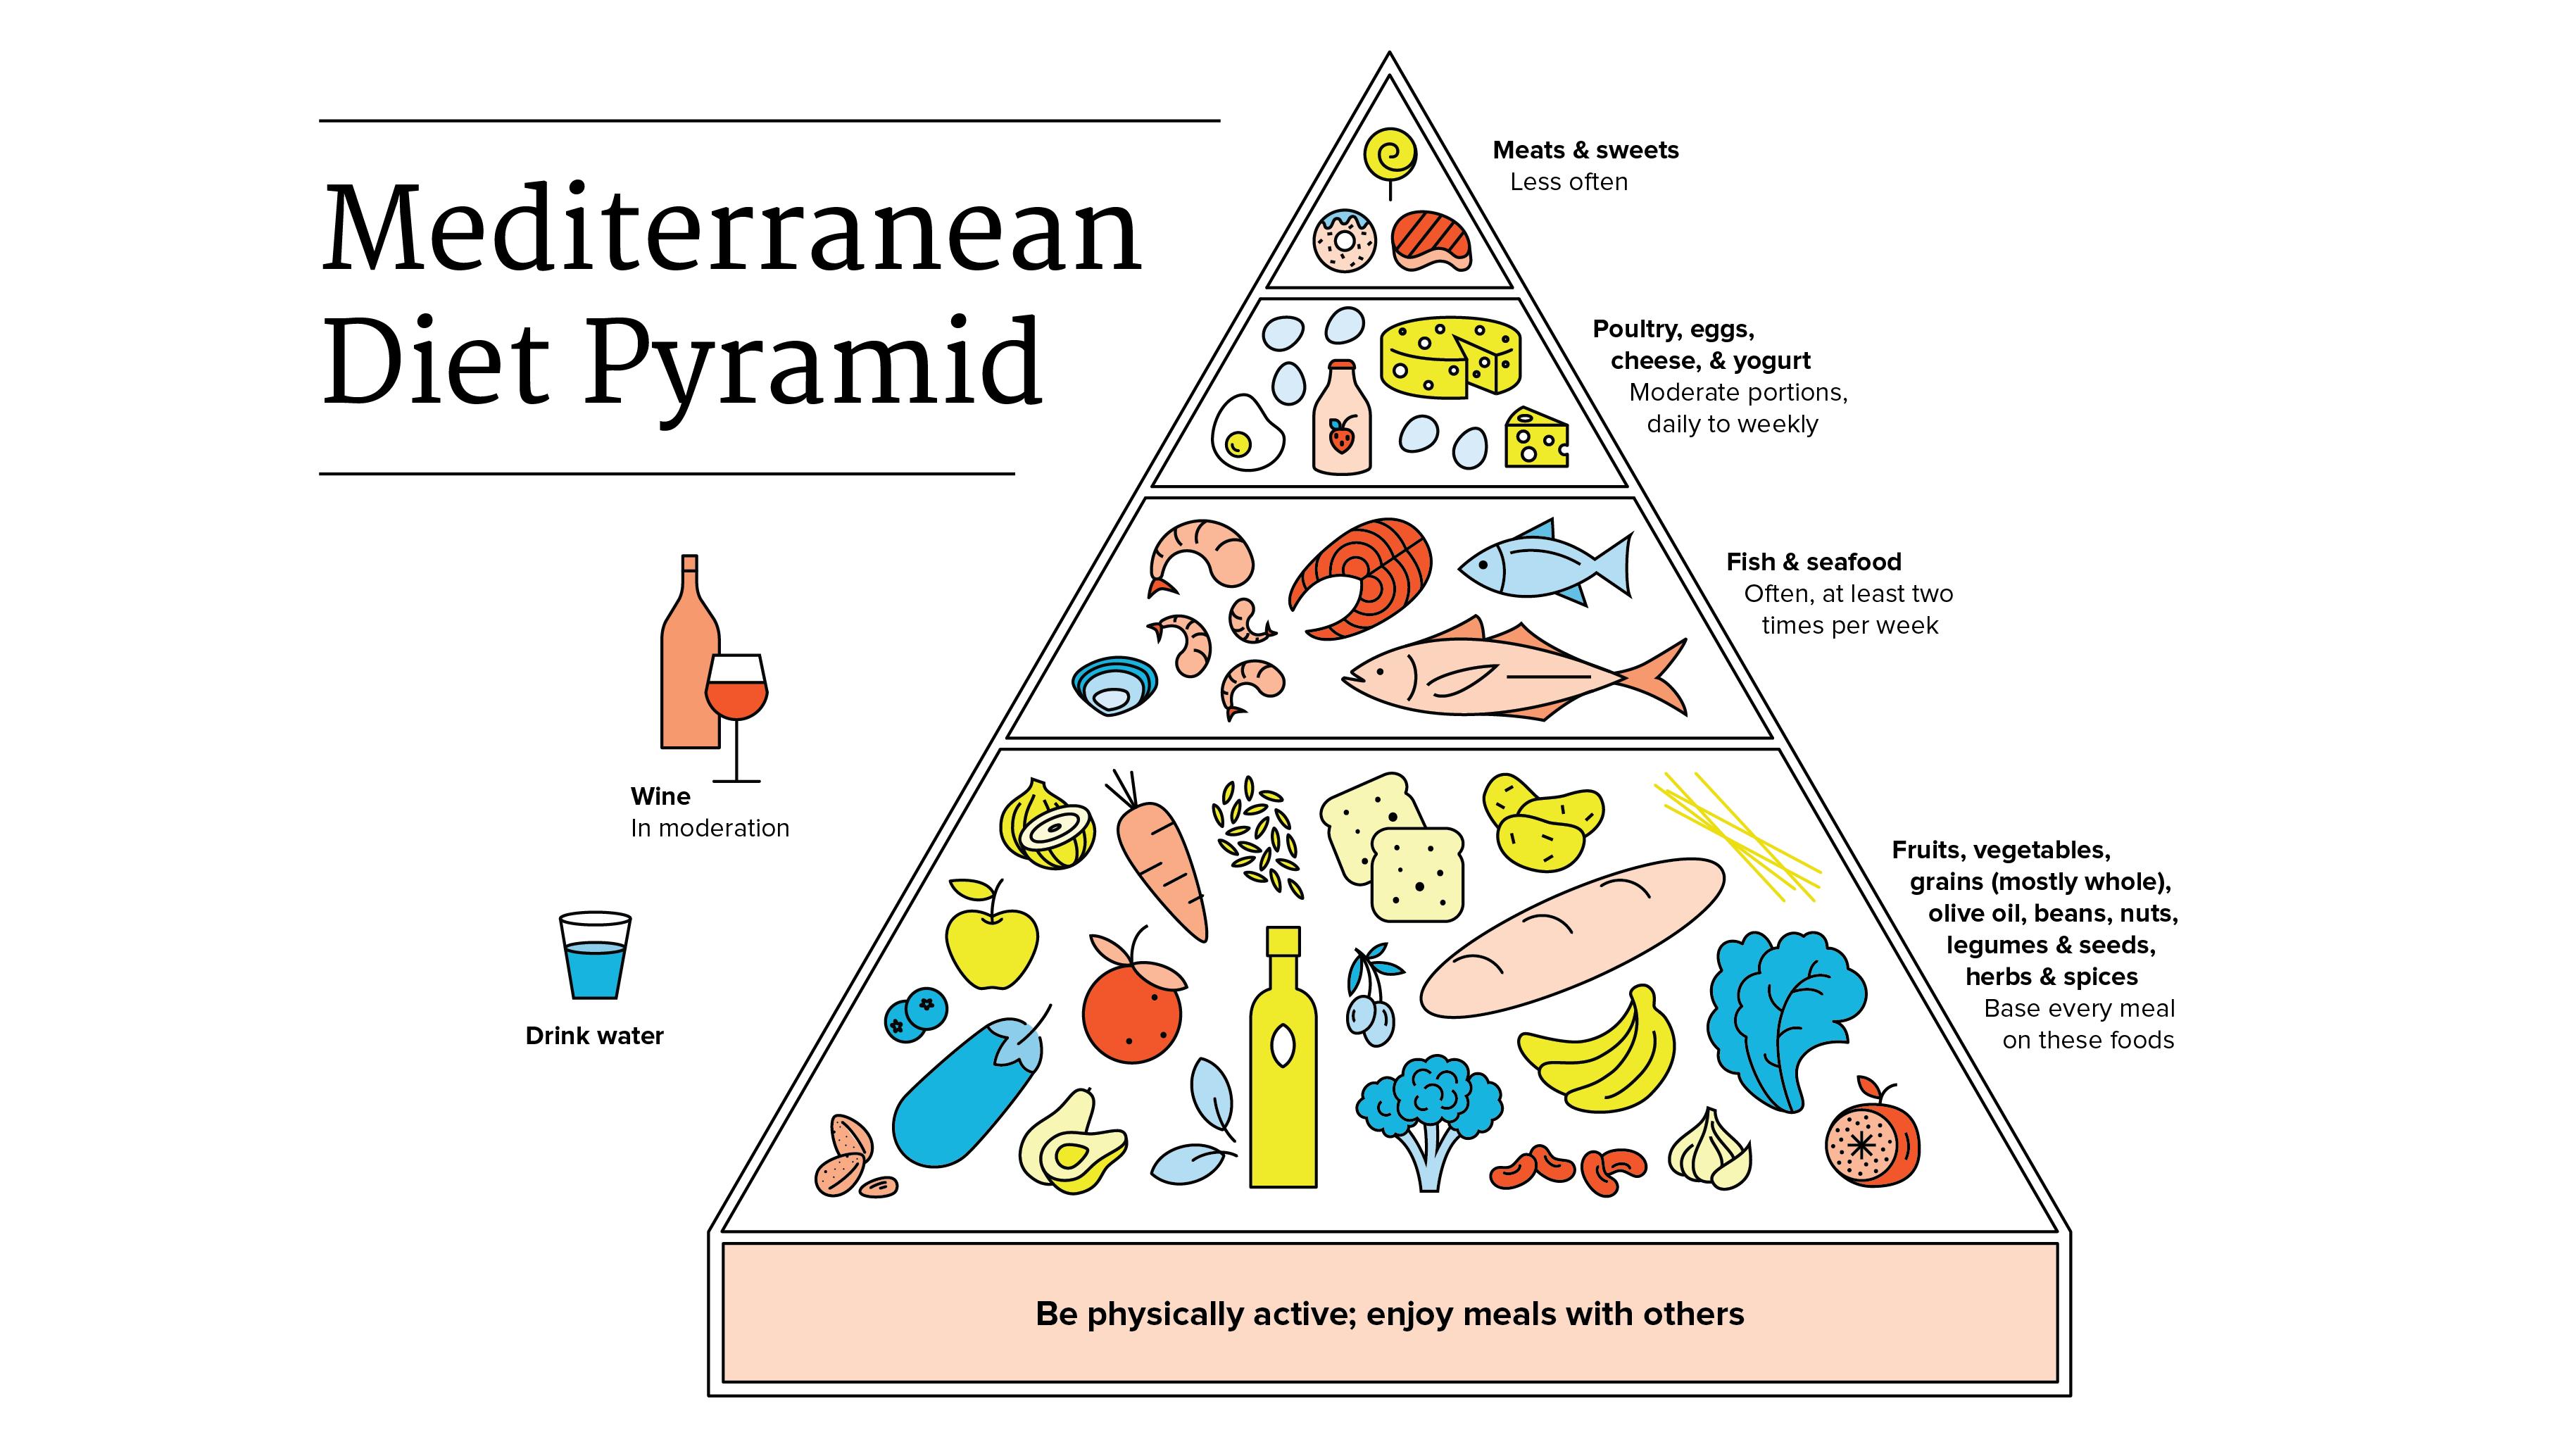 Meditteranean Diet Pyramid